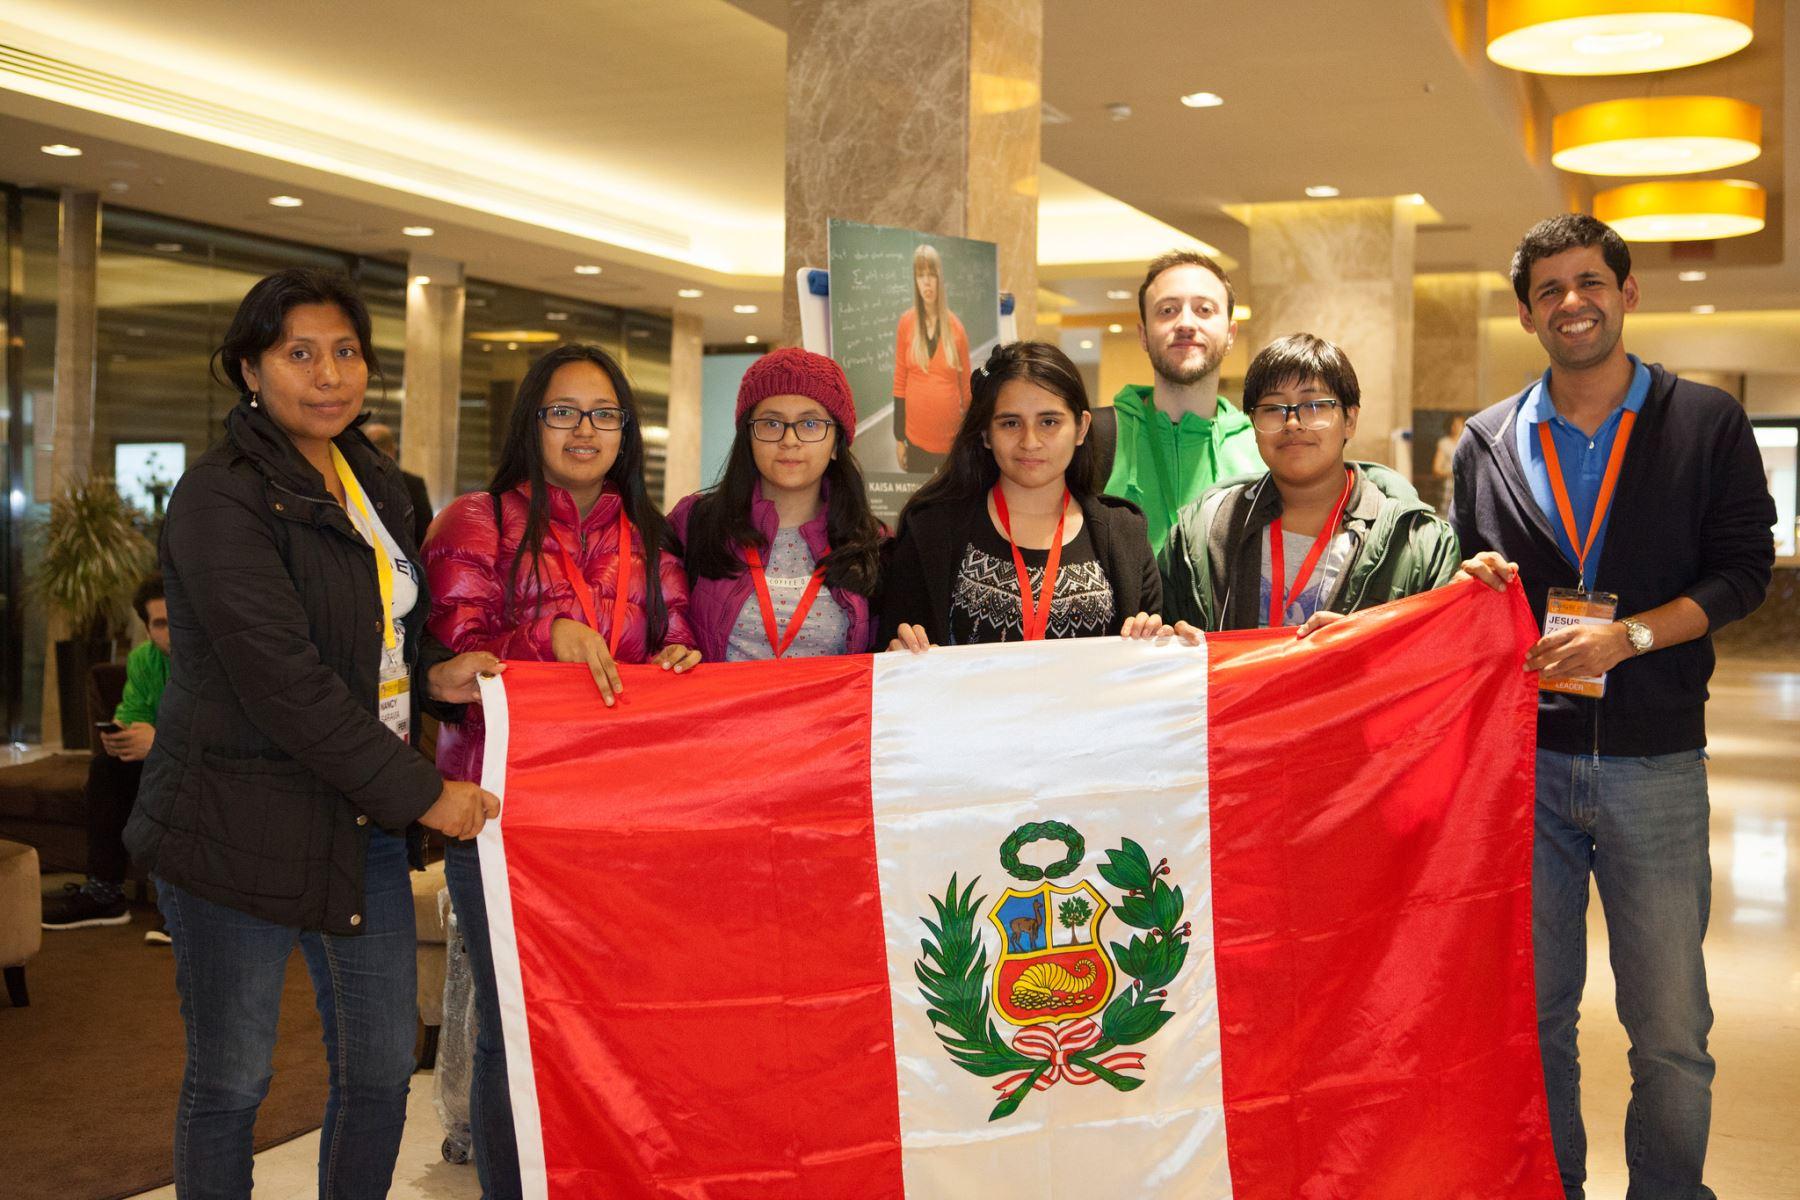 Mónica (la tercera de derecha a izquierda) sostiene la bandera peruana junto al equipo que viajó a Italia para el concurso. Foto: Difusión